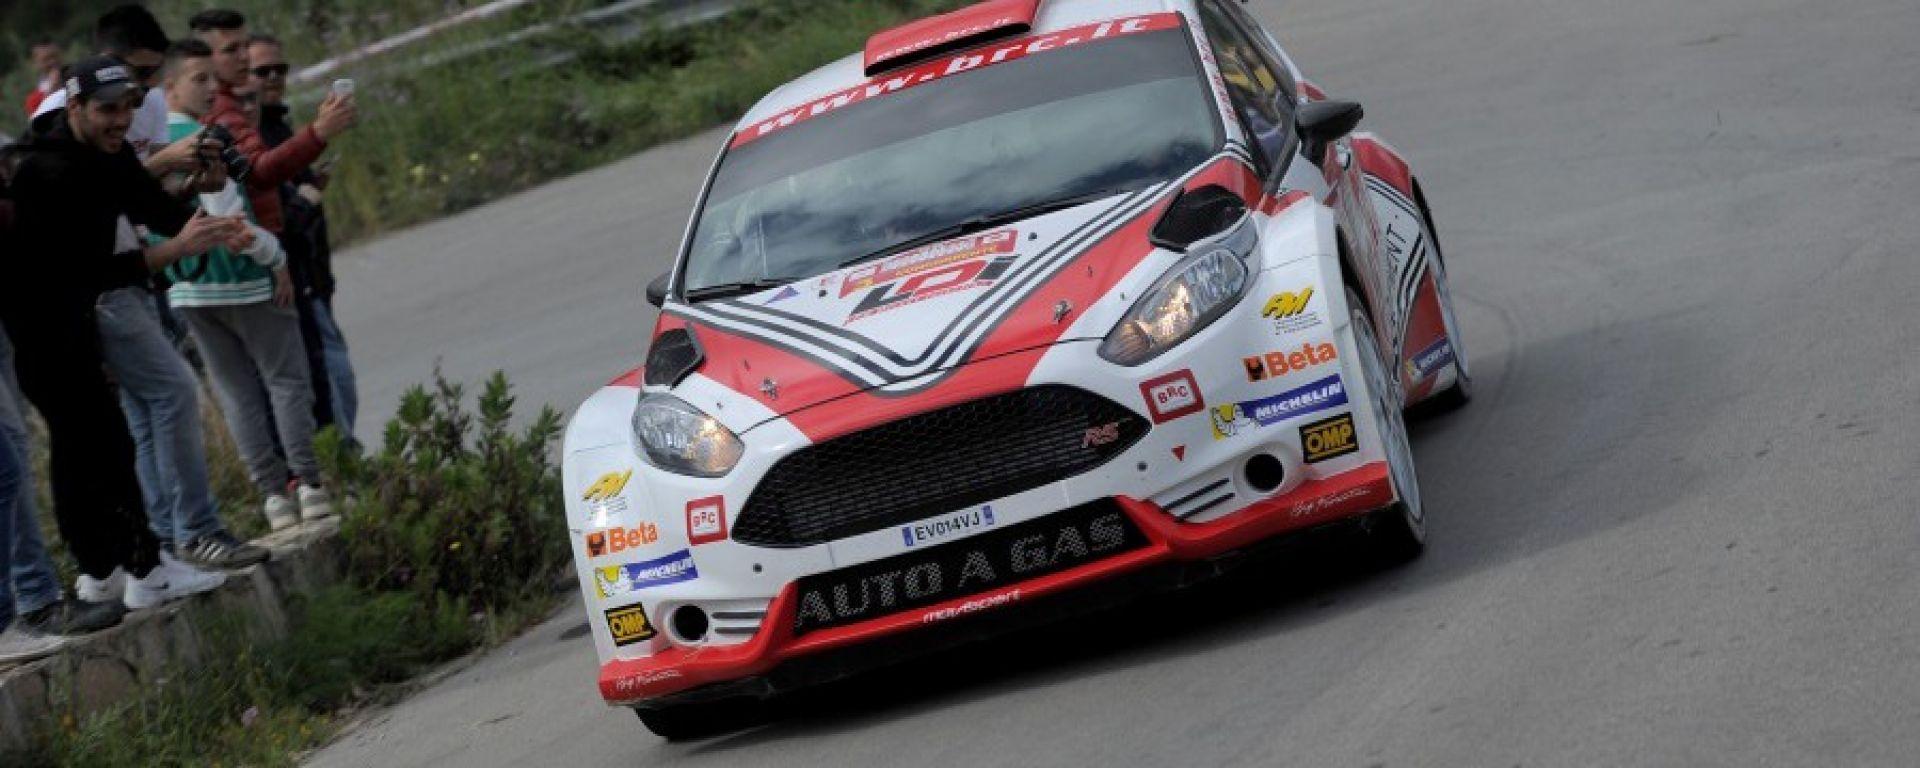 Cir: rally Due Valli gara 1. Vince Basso, Andreucci secondo, ancora aperta la lotta per il titolo